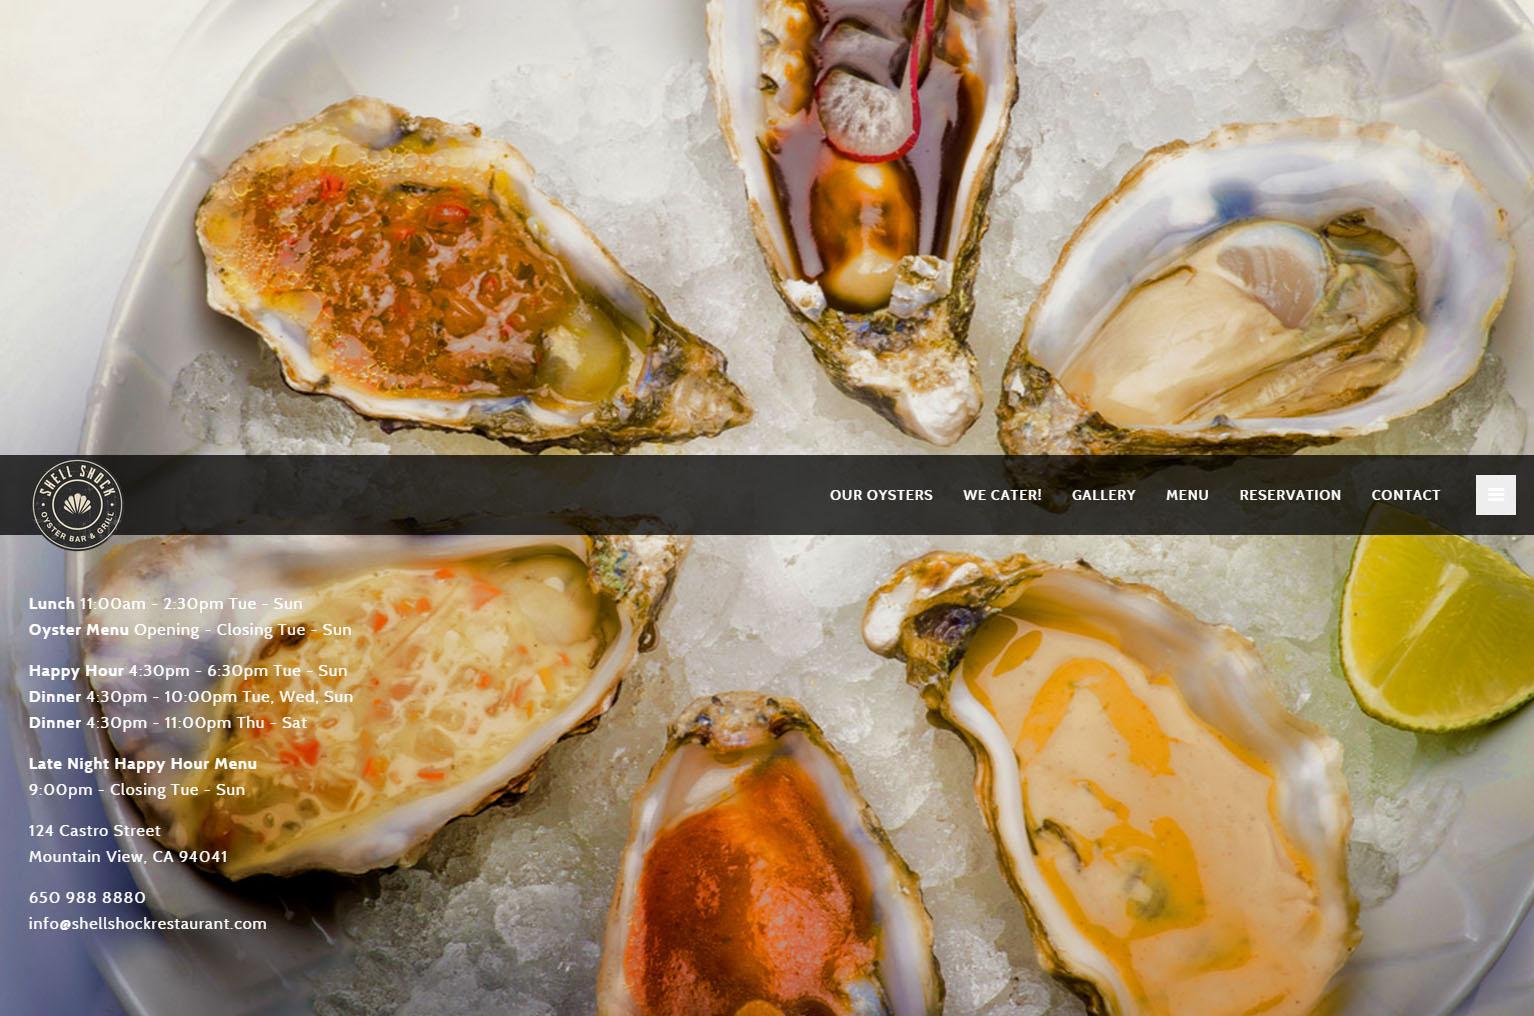 Shellshock Restaurant Website Redesign